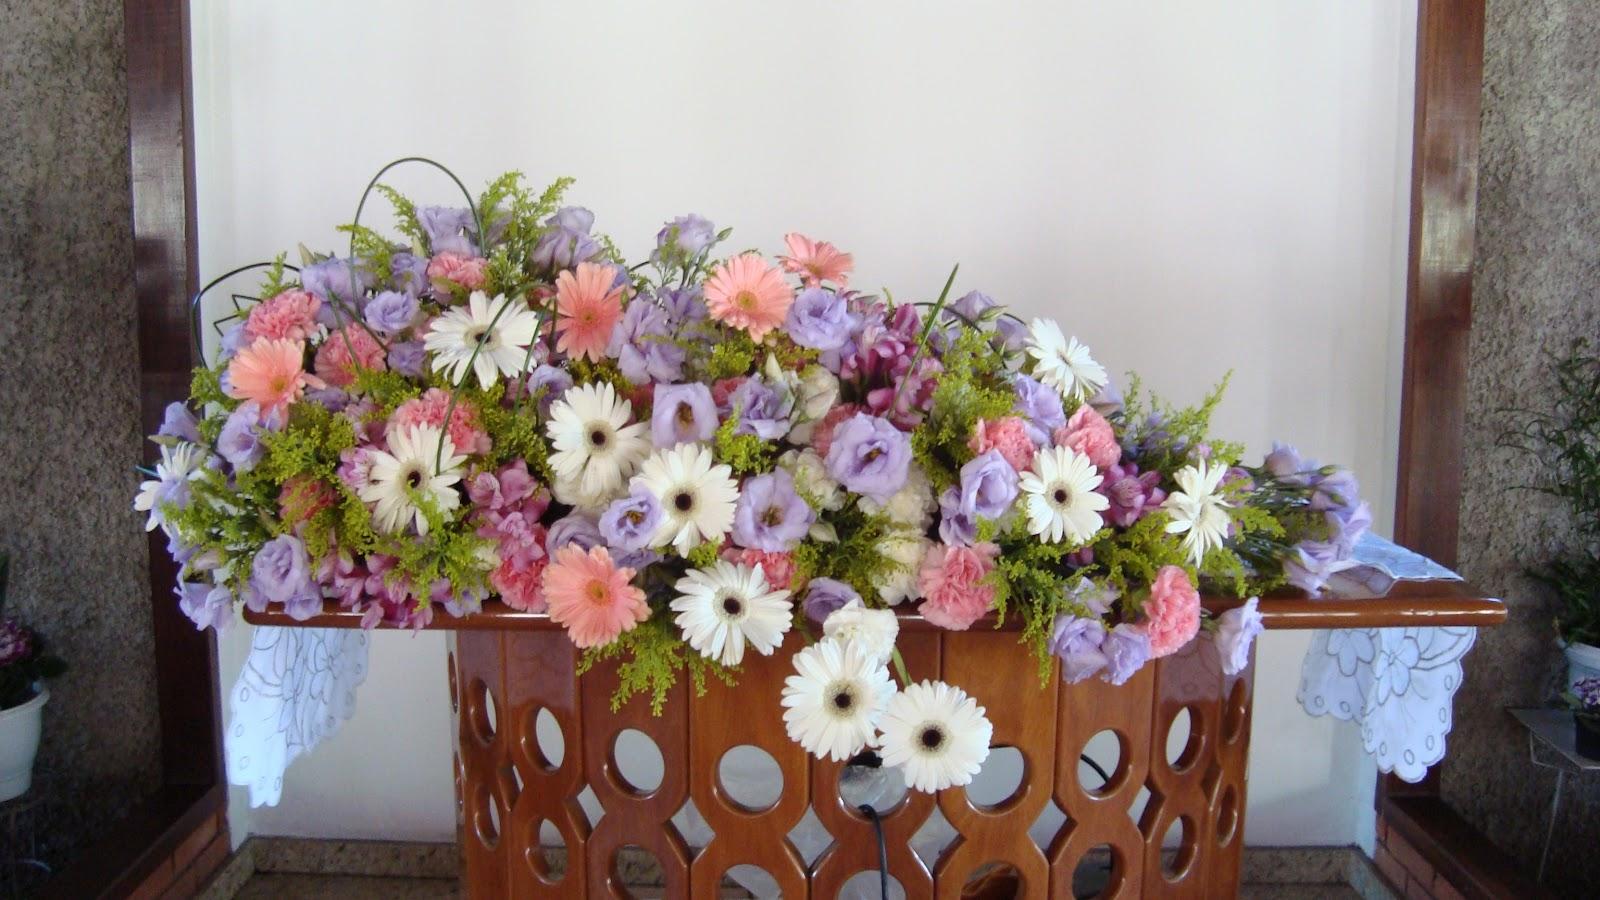 flores jardim camburi : flores jardim camburi:quiz arranjos laterais gente, não precisava mesmo, pois o jardim